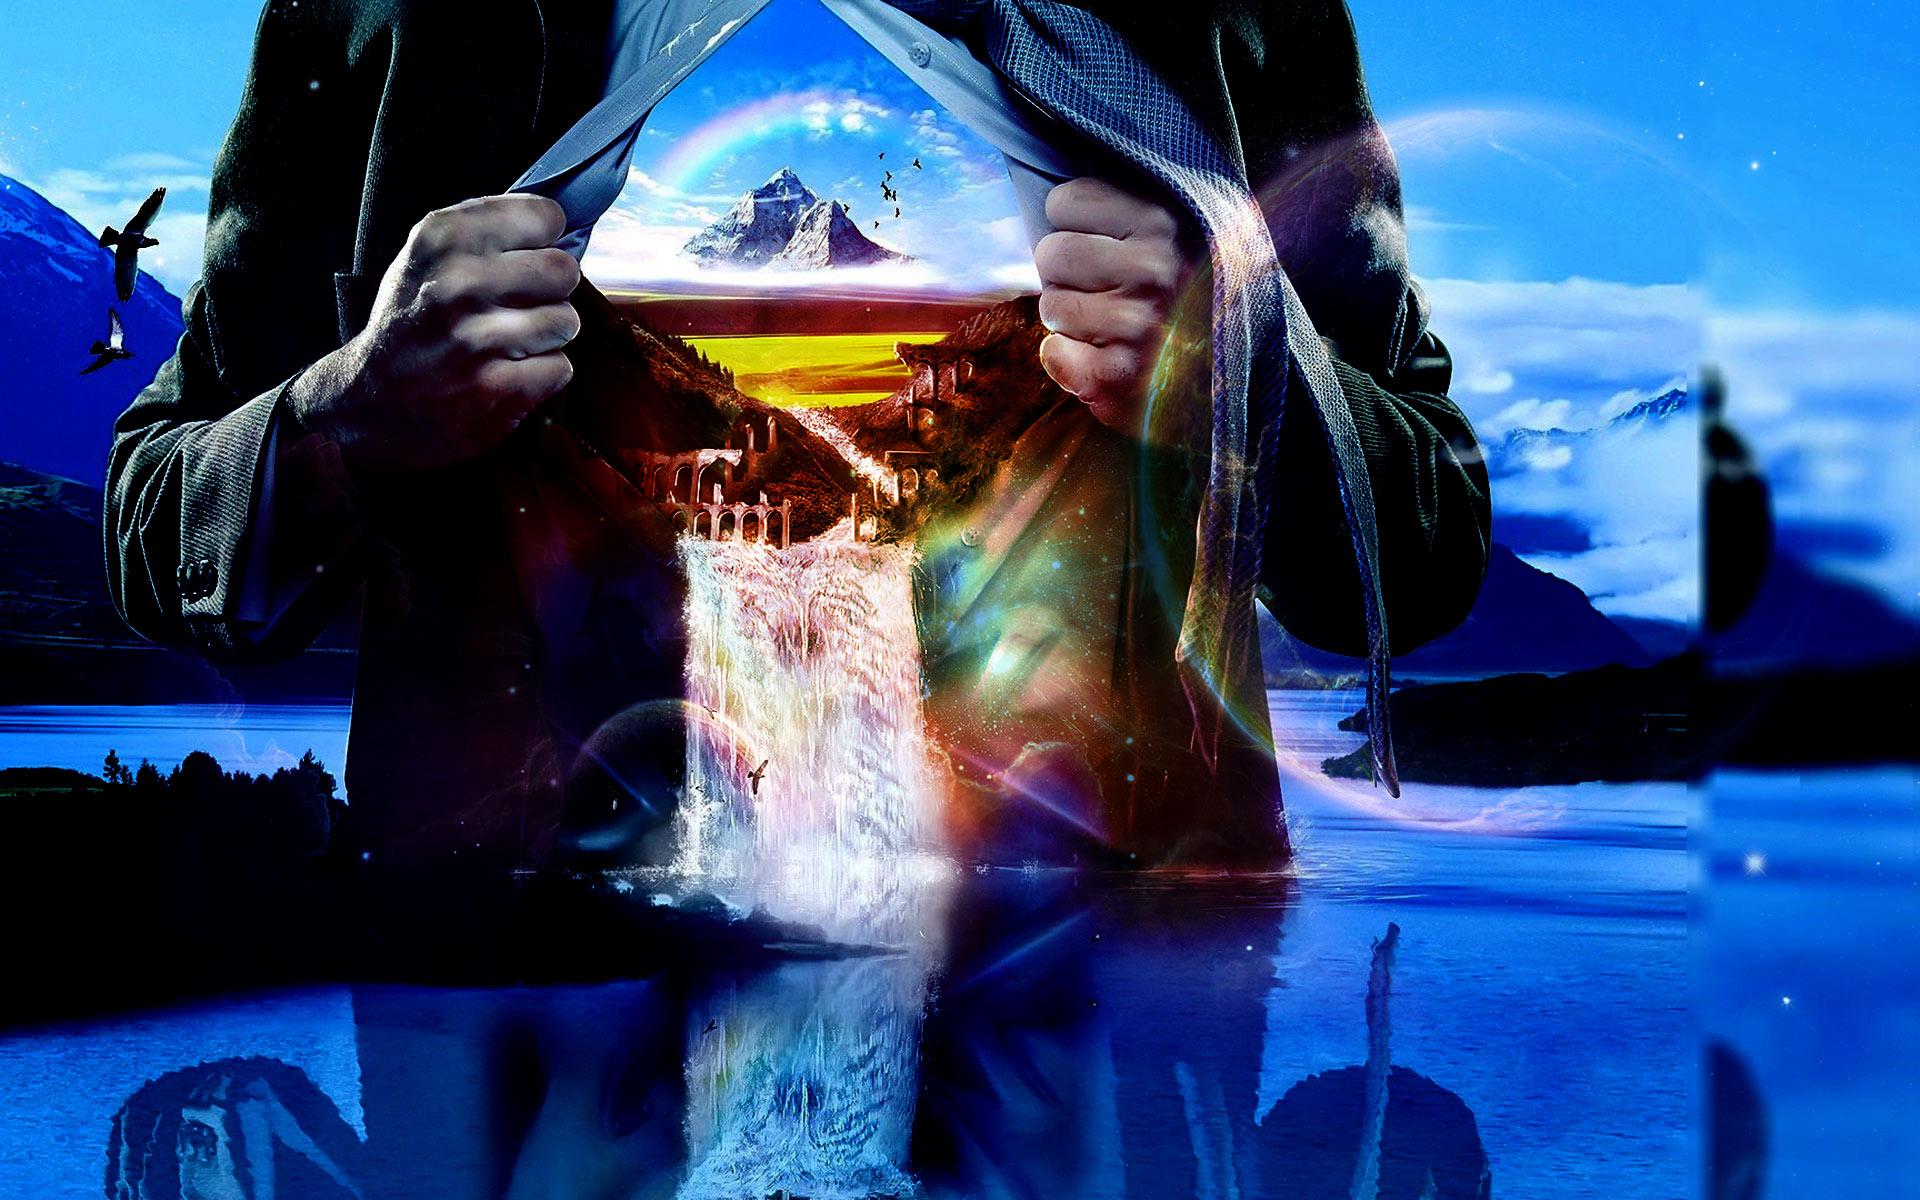 знаем, где в екатеринбурге можно сфотографировать ауру картинках сретение господне